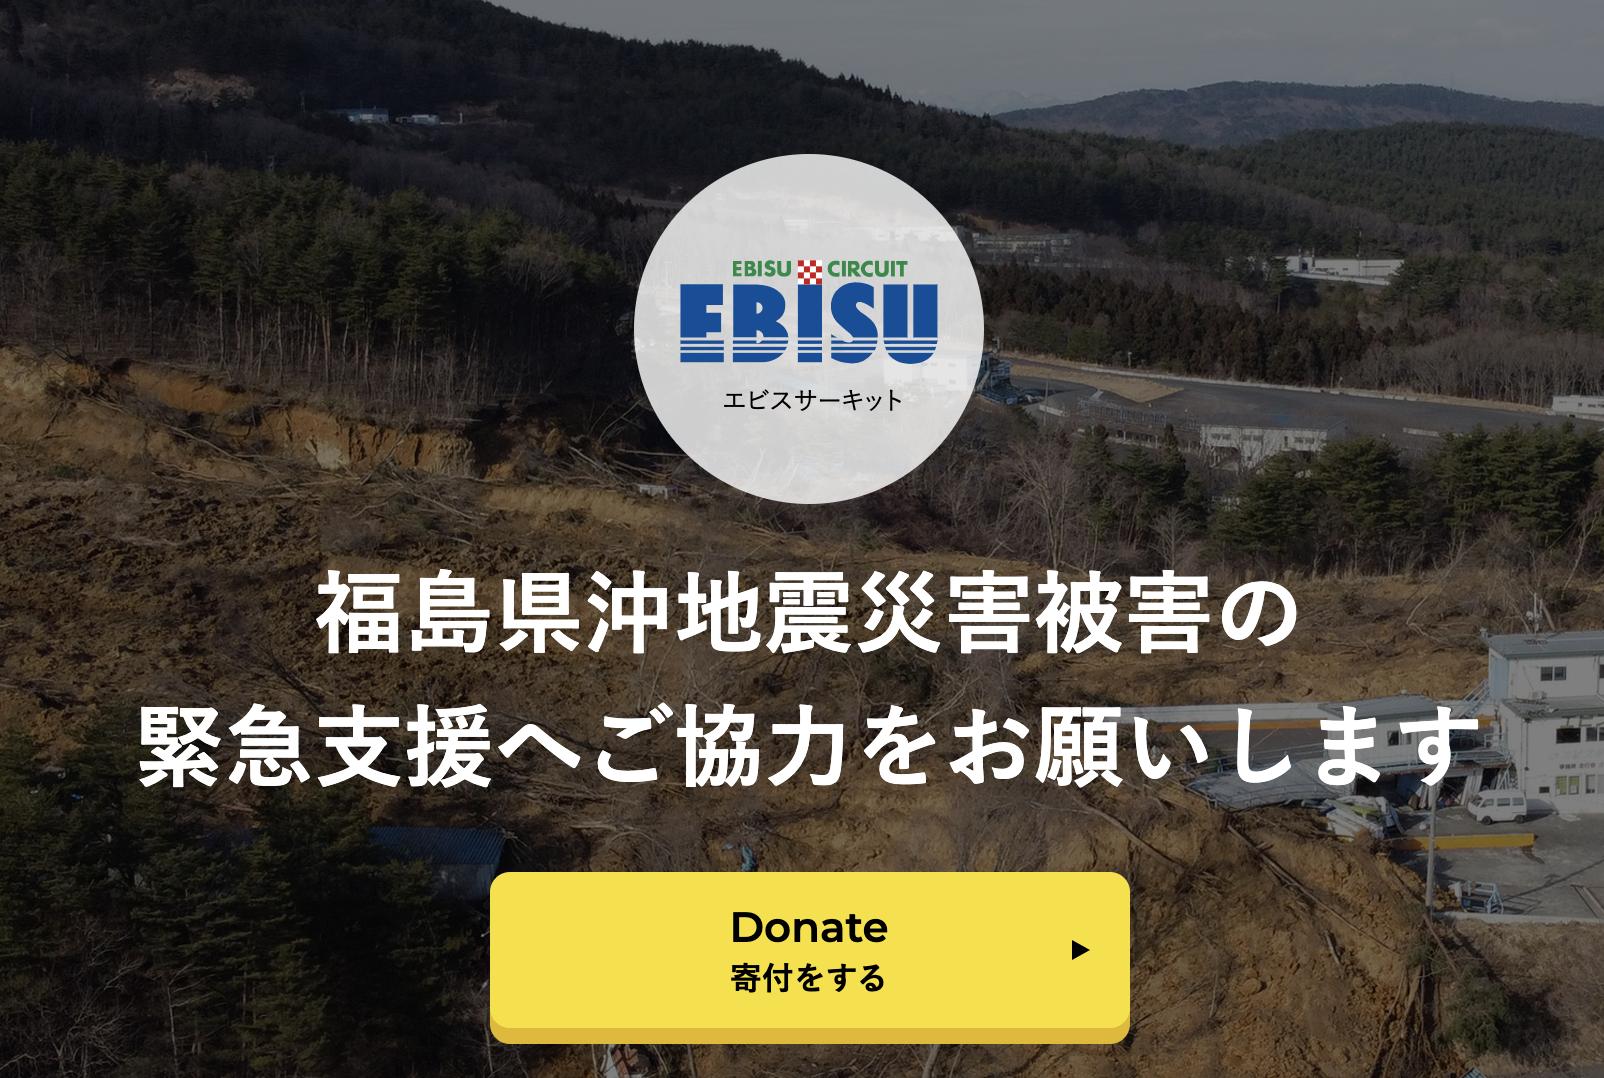 エビスサーキットの災害支援寄付サイトで寄付を募集。看板に名前が掲載することもできる